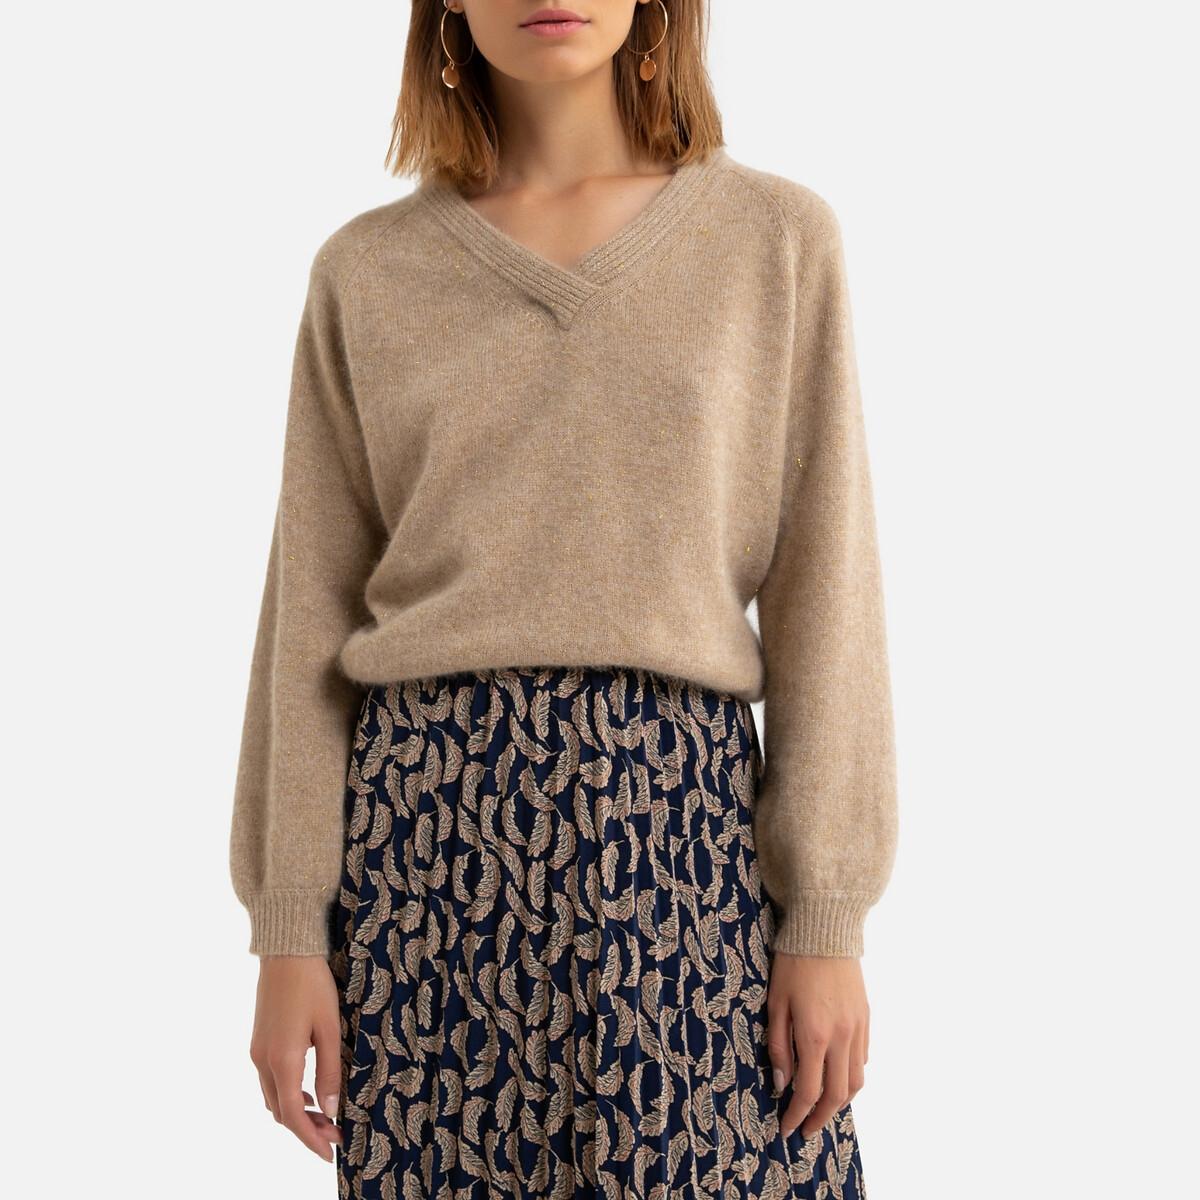 Пуловер La Redoute Из тонкого трикотажа V-образный вырез M/L каштановый пуловер la redoute из тонкого трикотажа со шнуровкой l бежевый